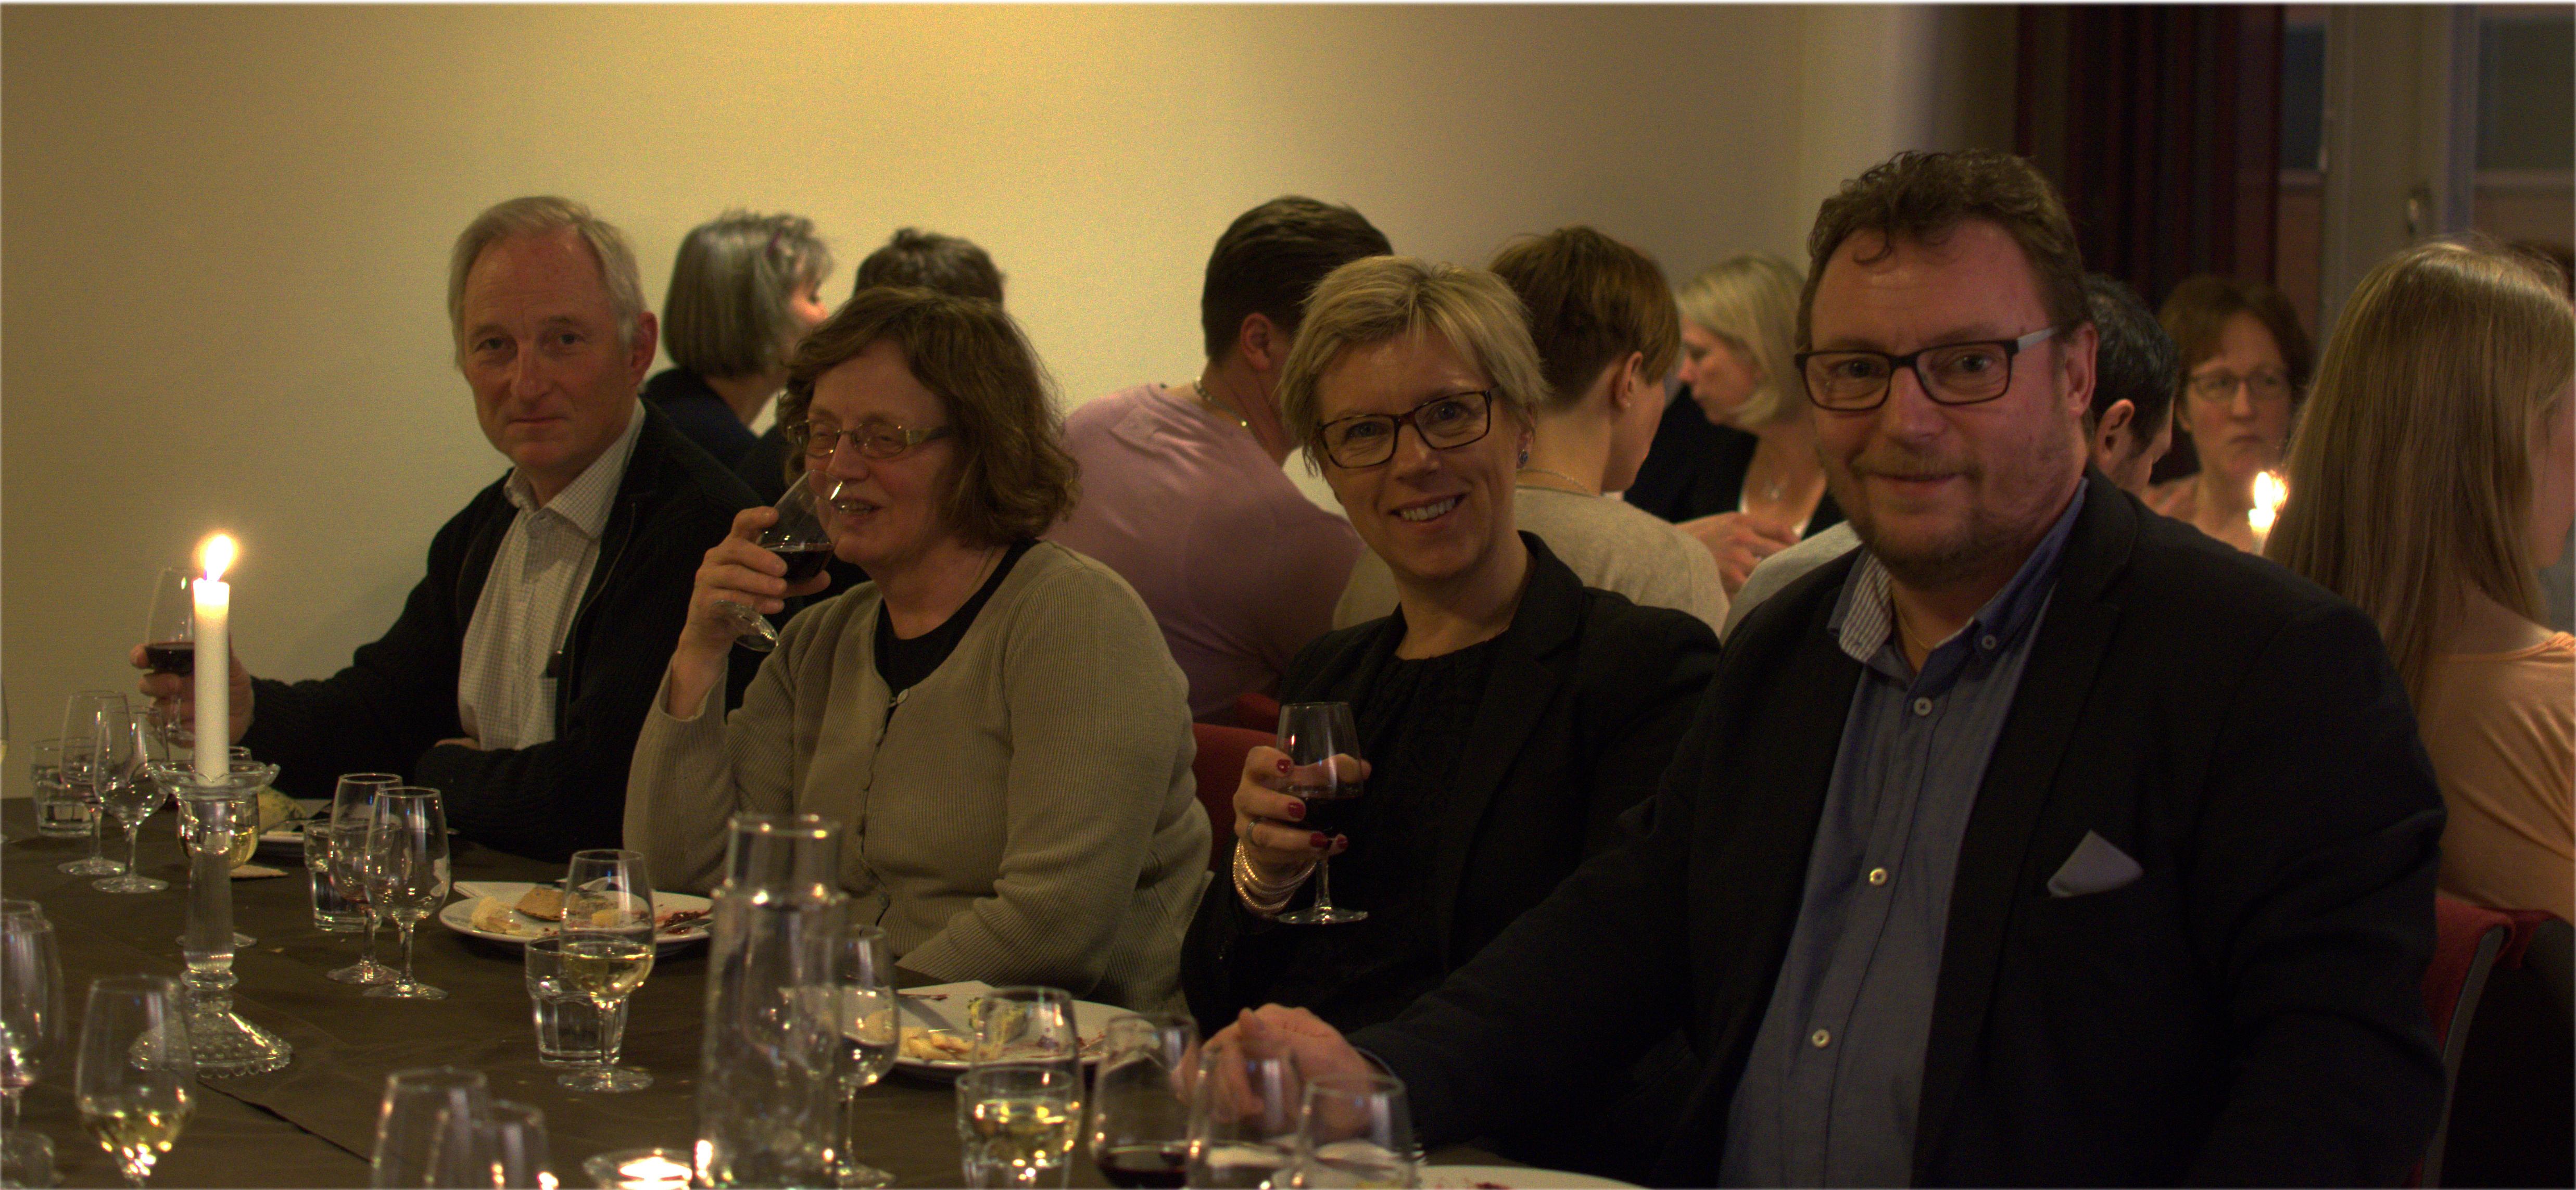 Ost och vinprovning Uppsala 2